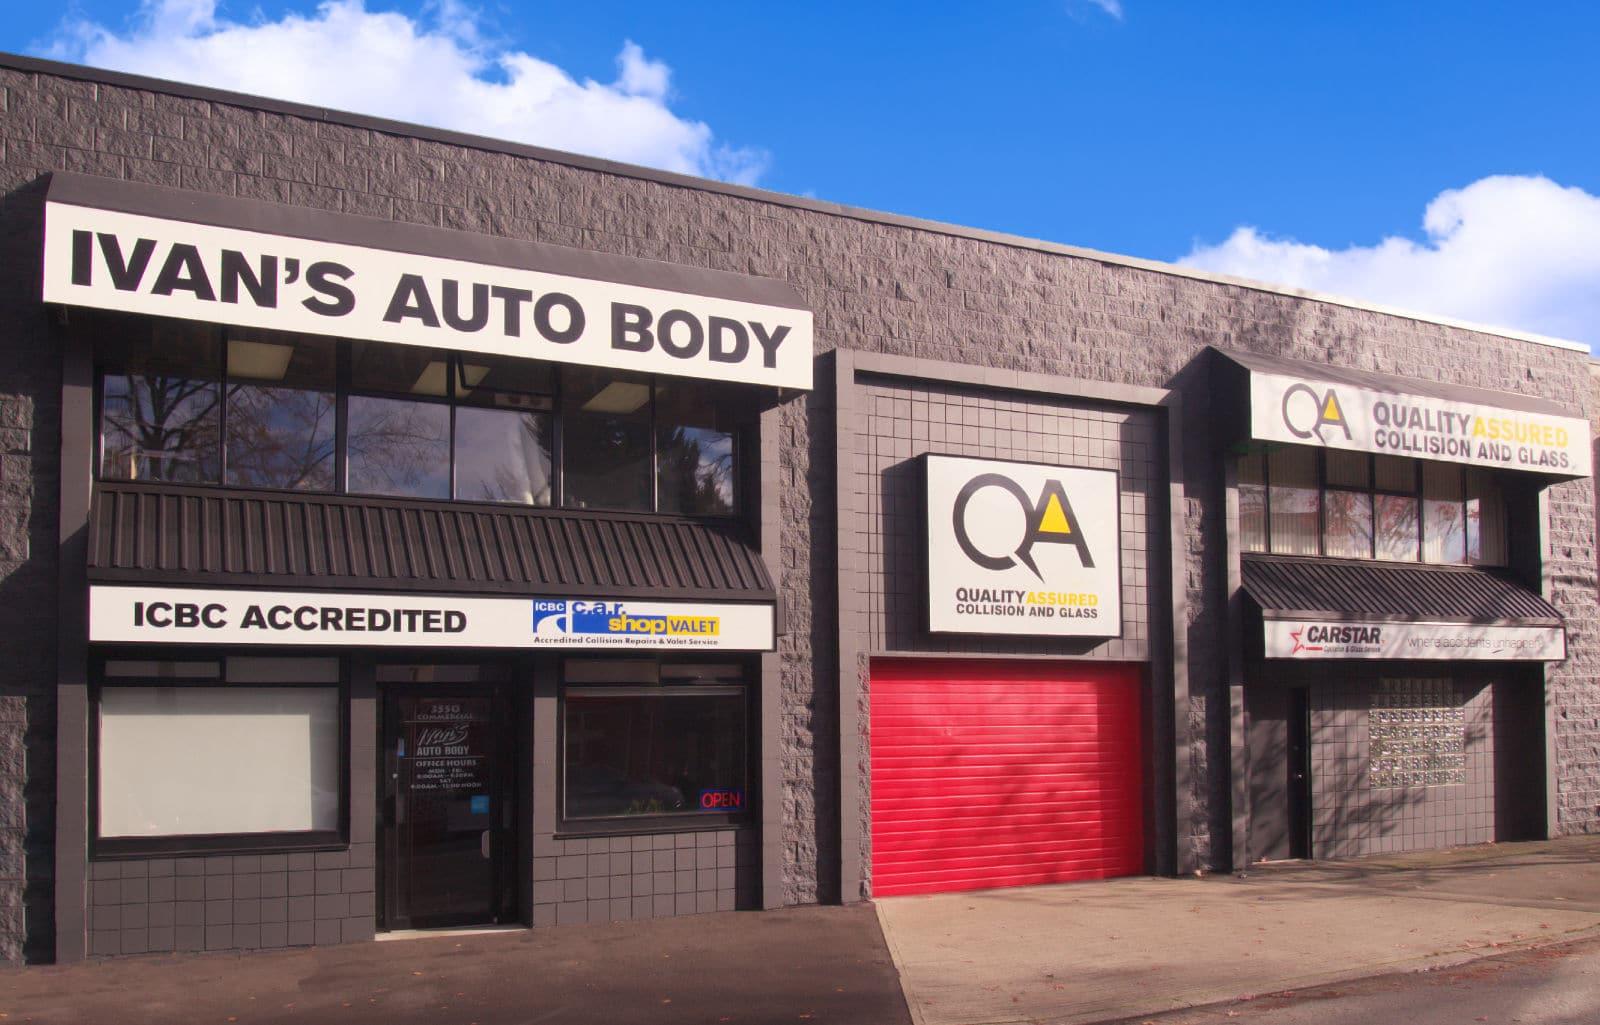 ivan's Auto Body